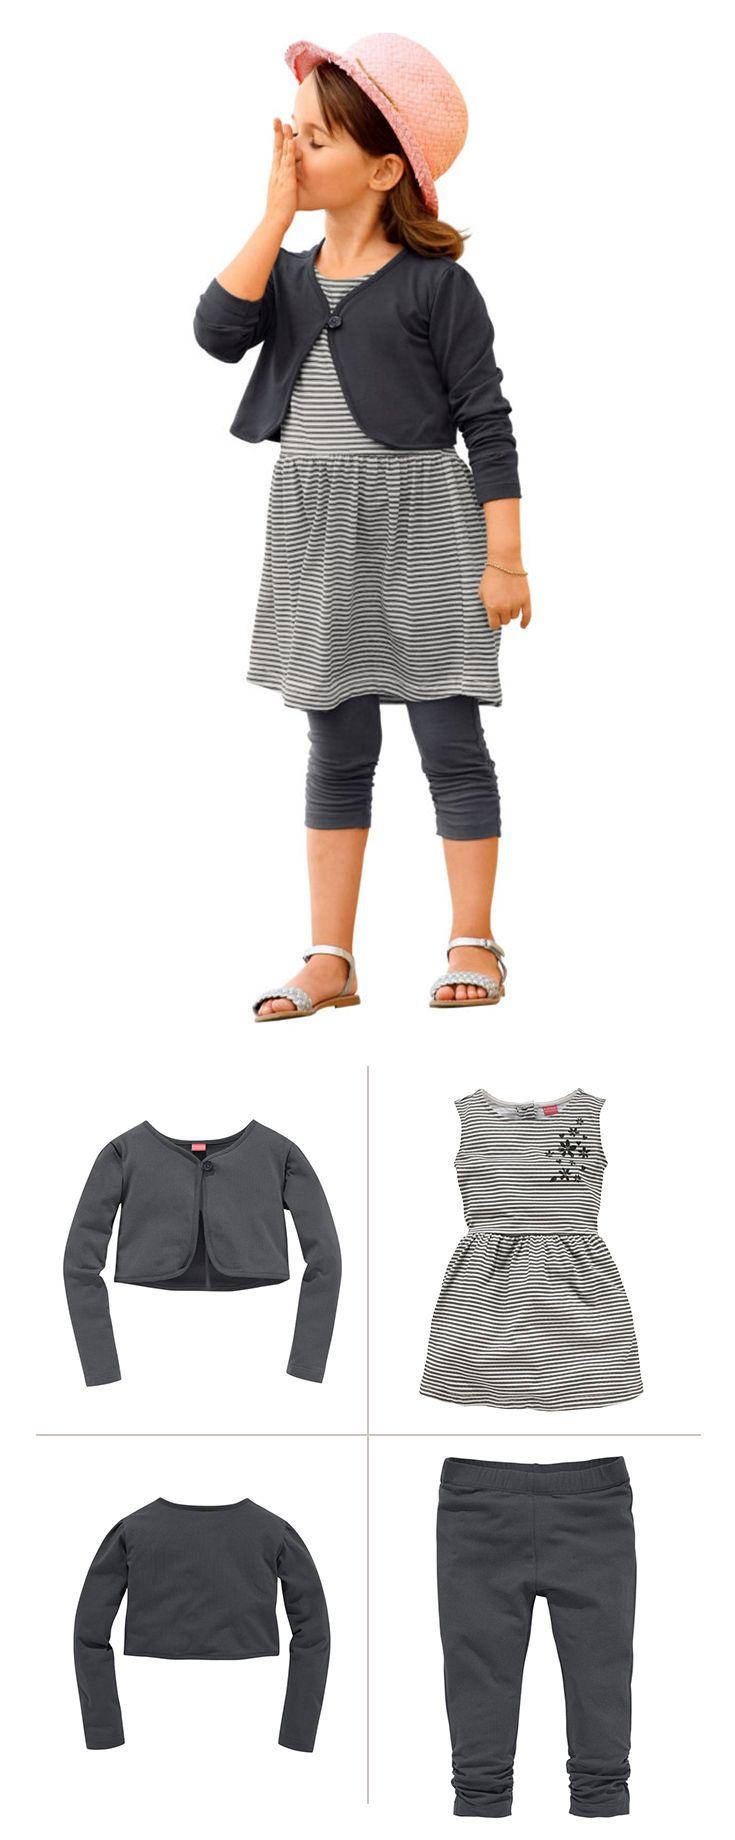 Komplettes Mädchen-Outfit von Kidoki. Mit dem 3-teiligen Mode-Set beweisen kleine Mode-Fans großes Trend-Gespür. Bolero, Kleid und Leggings sind stilsicher aufeinander abgestimmt und ergeben so ein ebenso süßes wie superbequemes Freizeit-Outfit mit maritimem Touch.